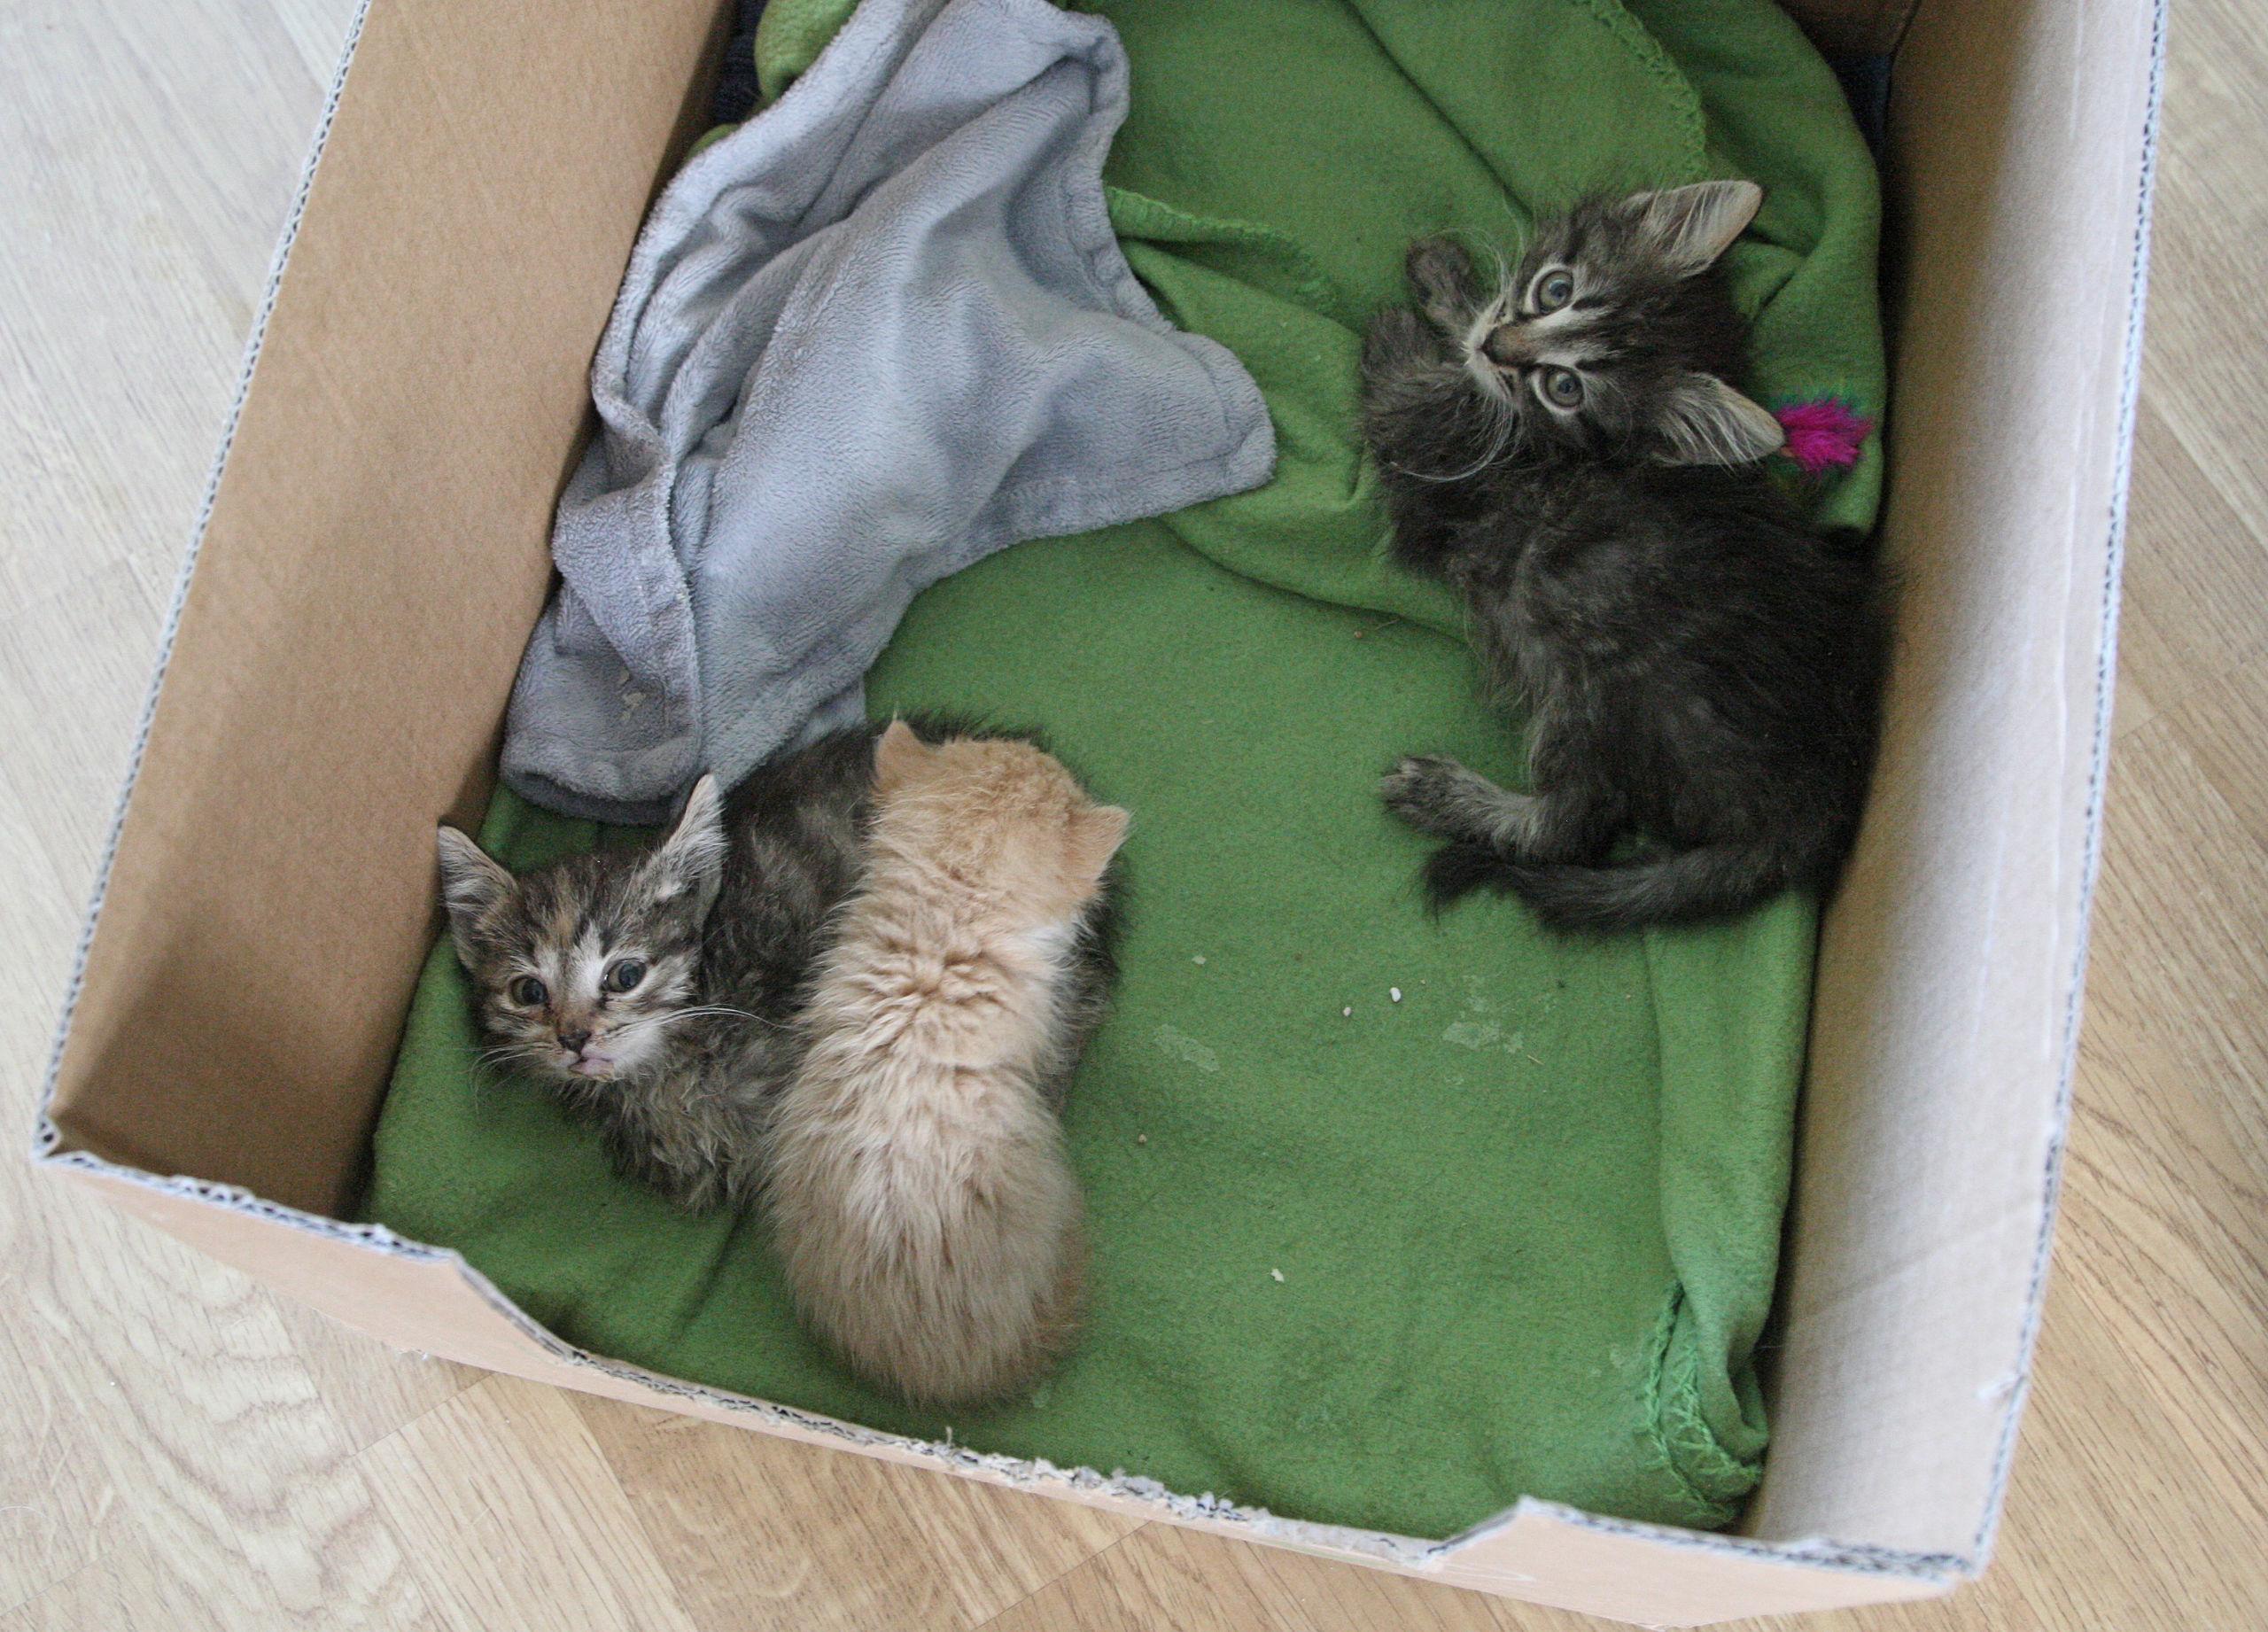 Nyfodda kattungar hittades i en plastpase